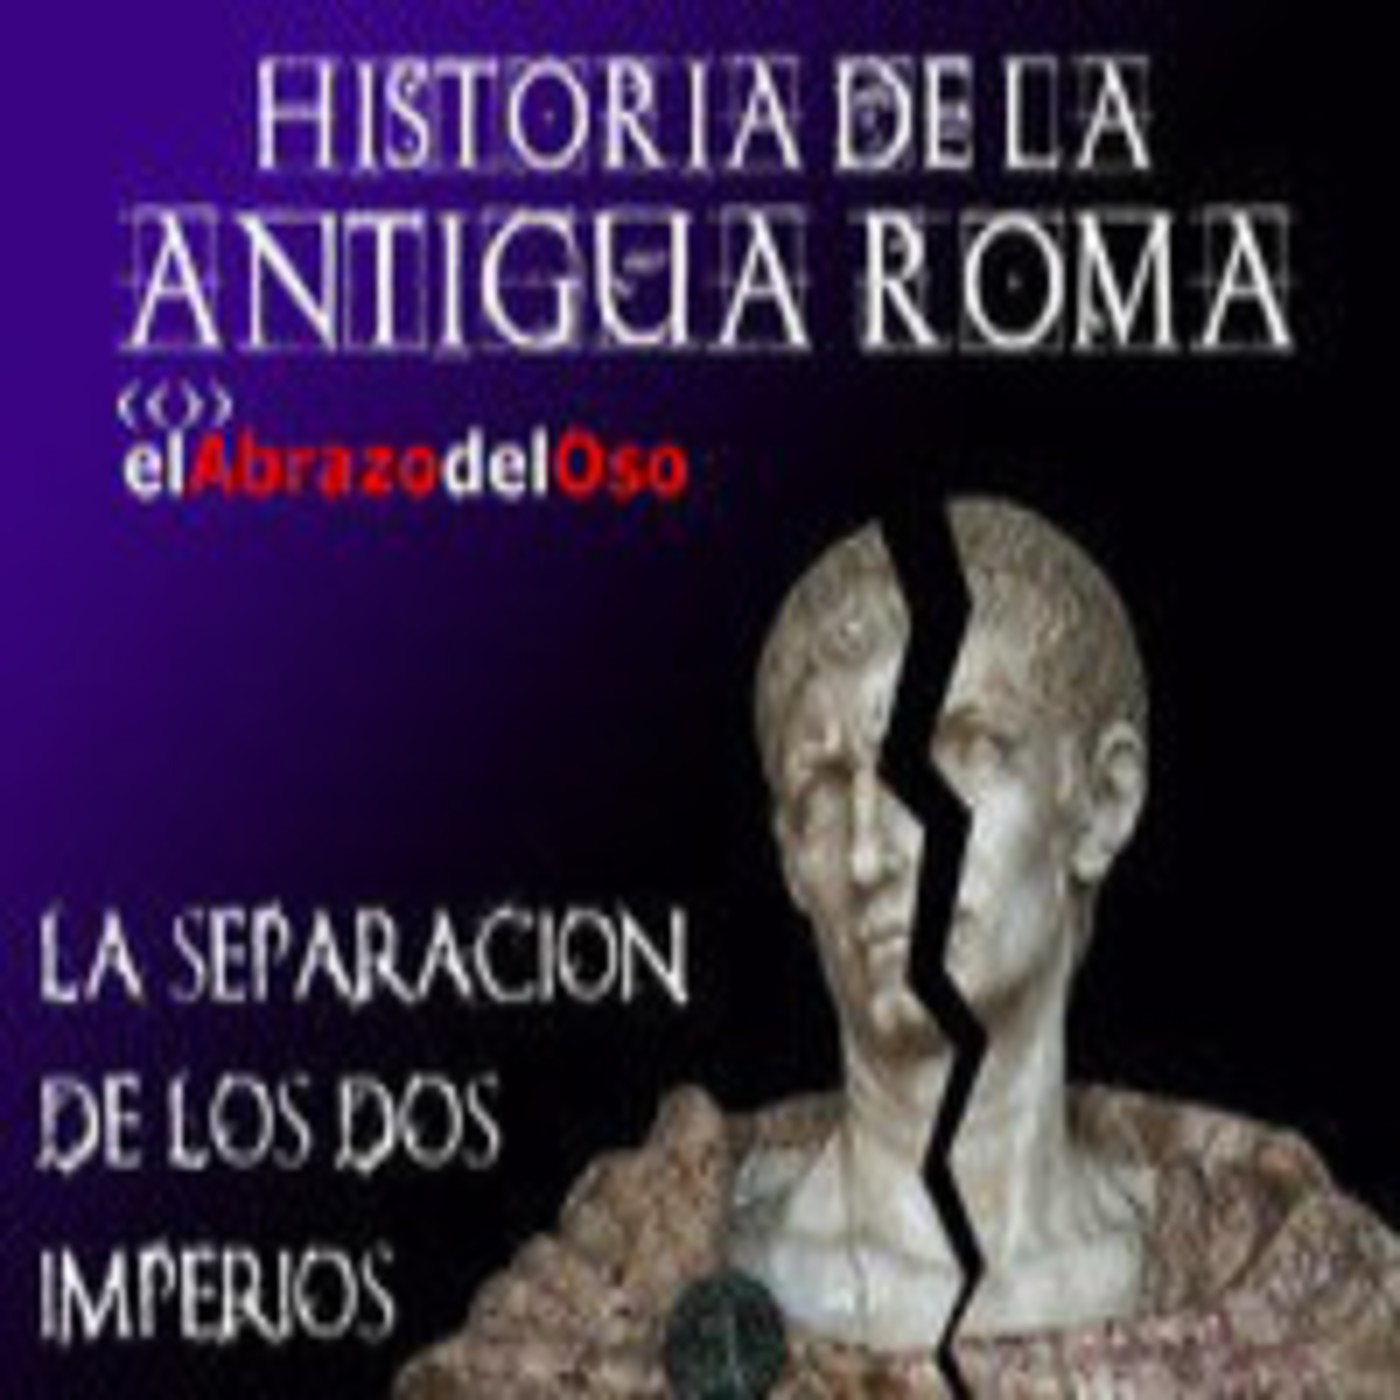 El Abrazo del Oso - Historia de la Antigua Roma: La separación de los dos Imperios